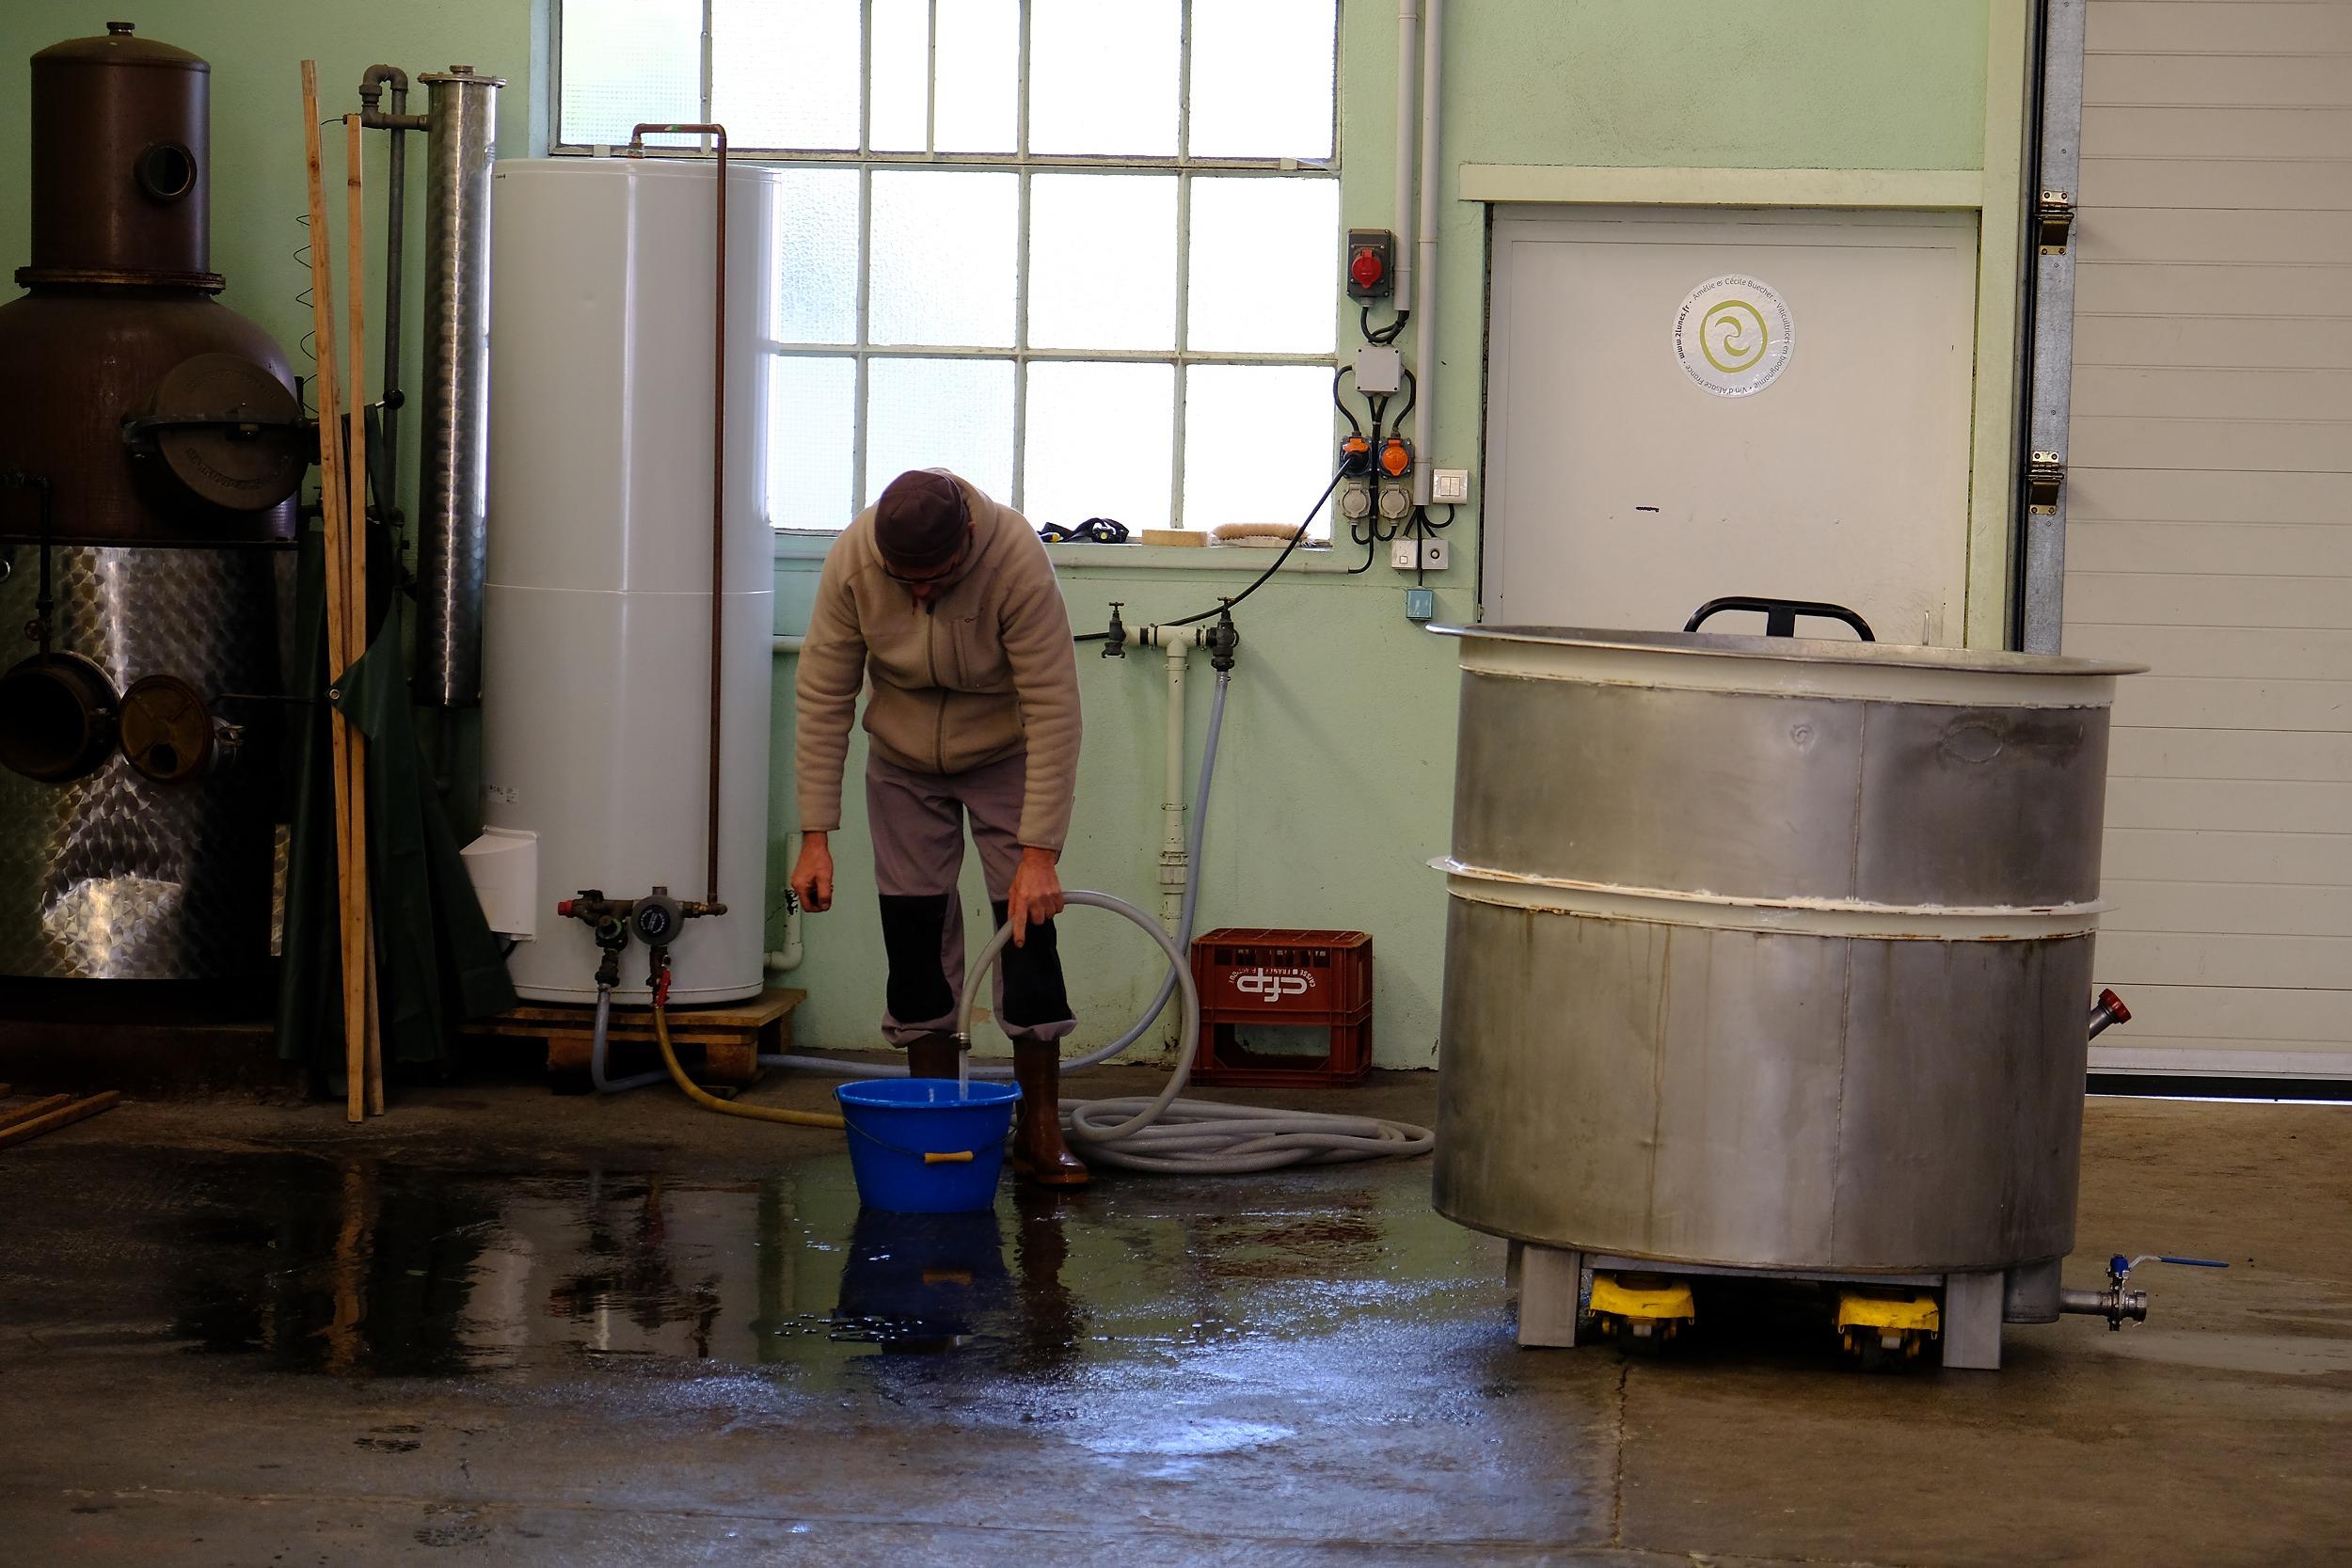 fotoreportage-wijn produceren-Vignoble des 2 lunes-Bosman Wijnkopers-477.jpg